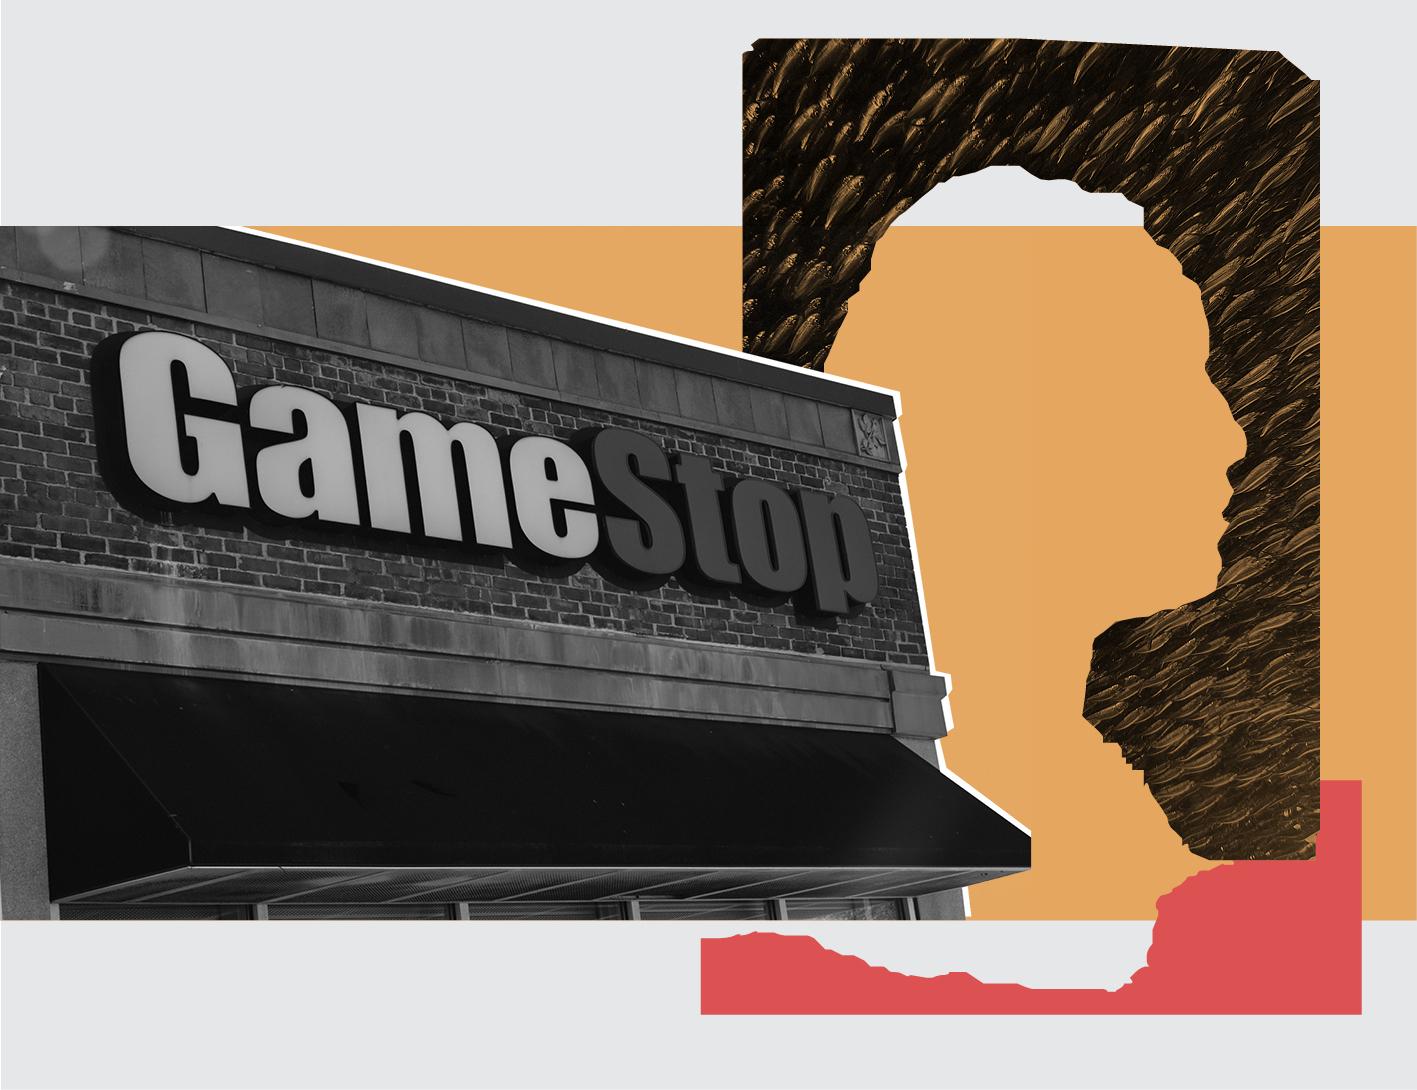 Fenomeno Gamestop Sardinhas Armam Pelo Reddit Ataque Pirata Contra Wall Street Voce S A